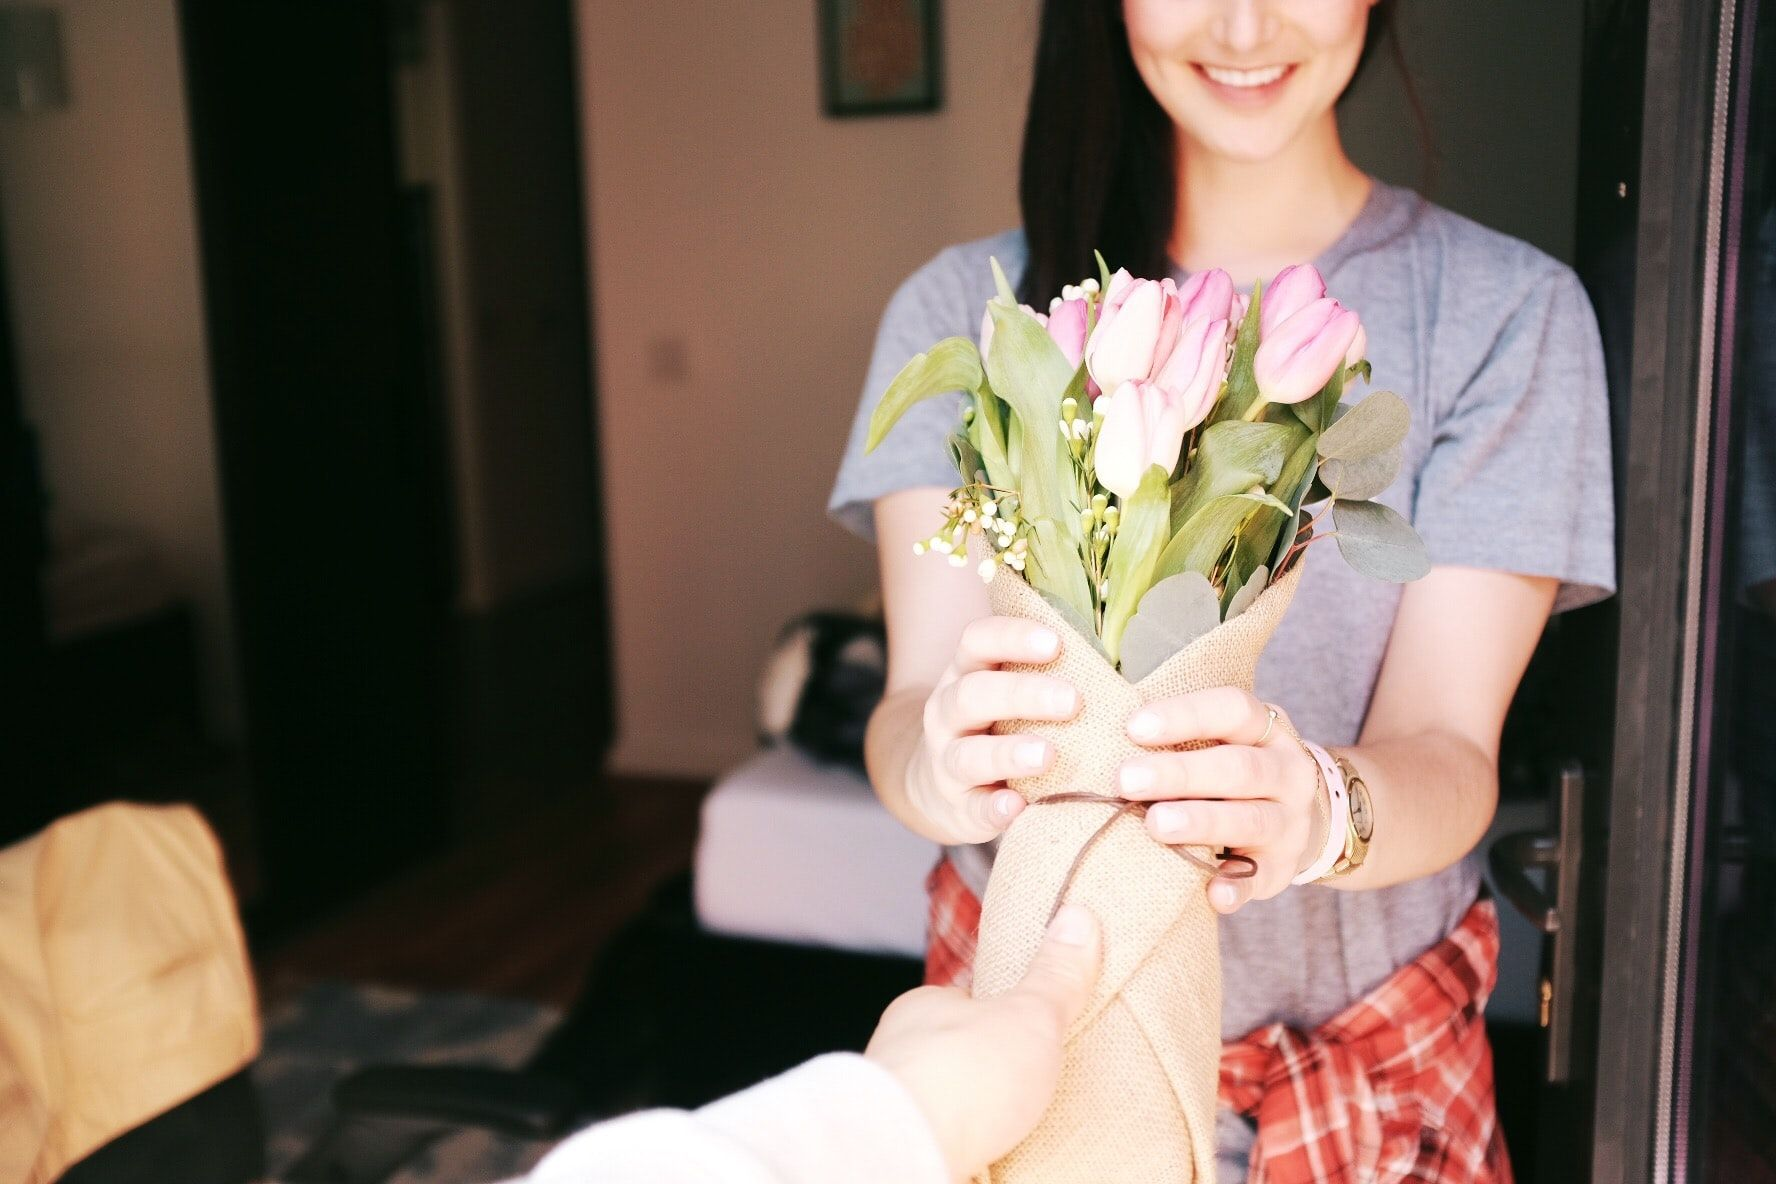 40 regali da fare alla fidanzata per ogni momento speciale, e che celebrano il successo del vostro amore